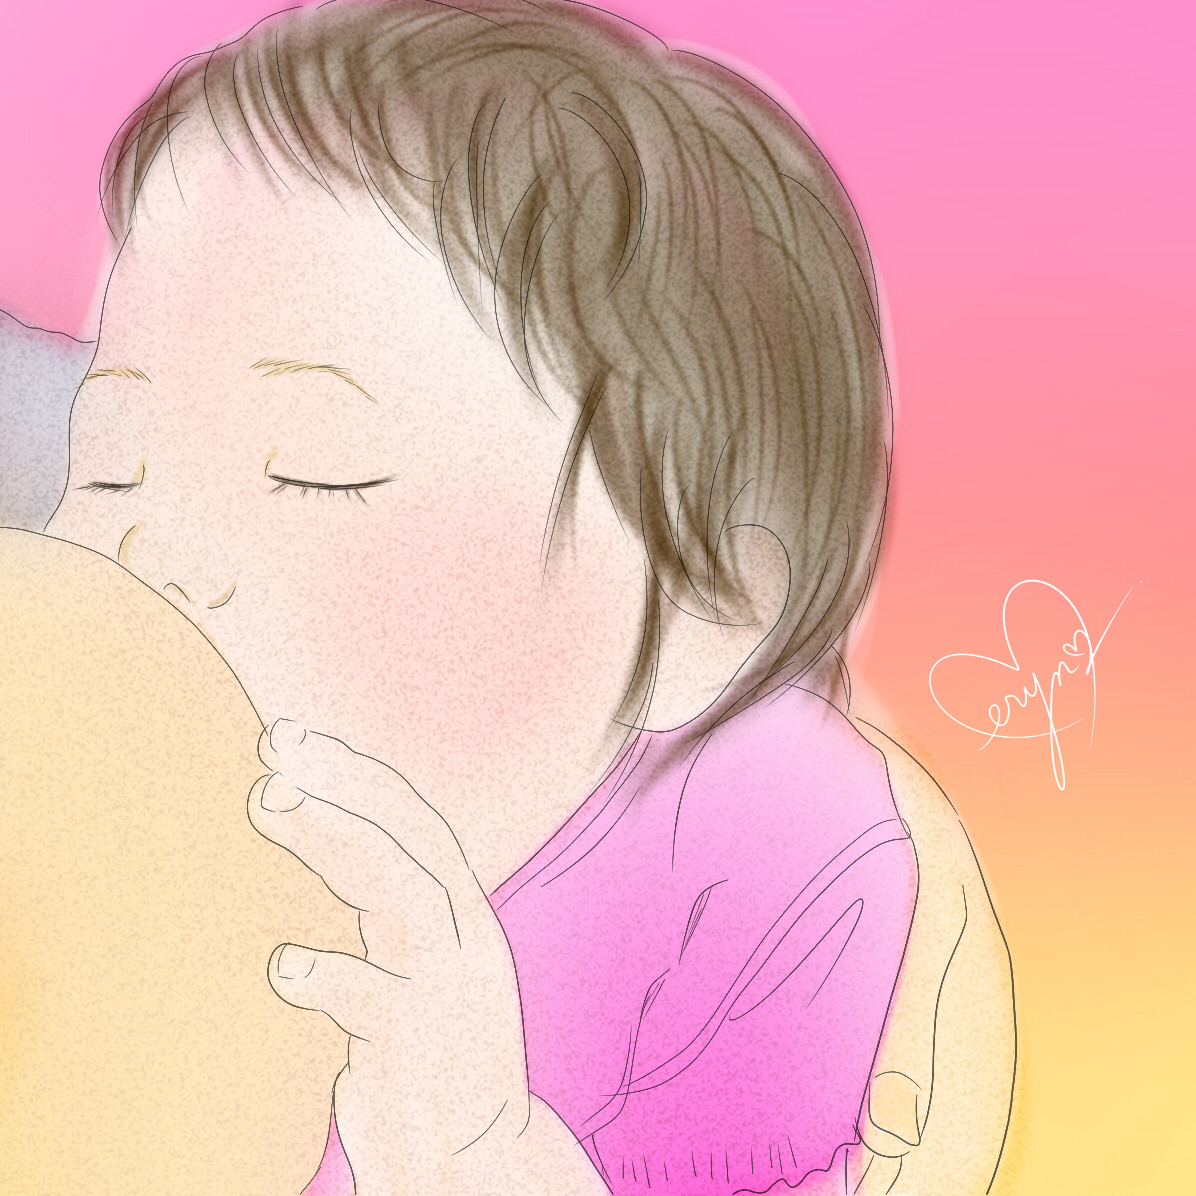 「母乳バンク」は安全?未熟児を救うシステム